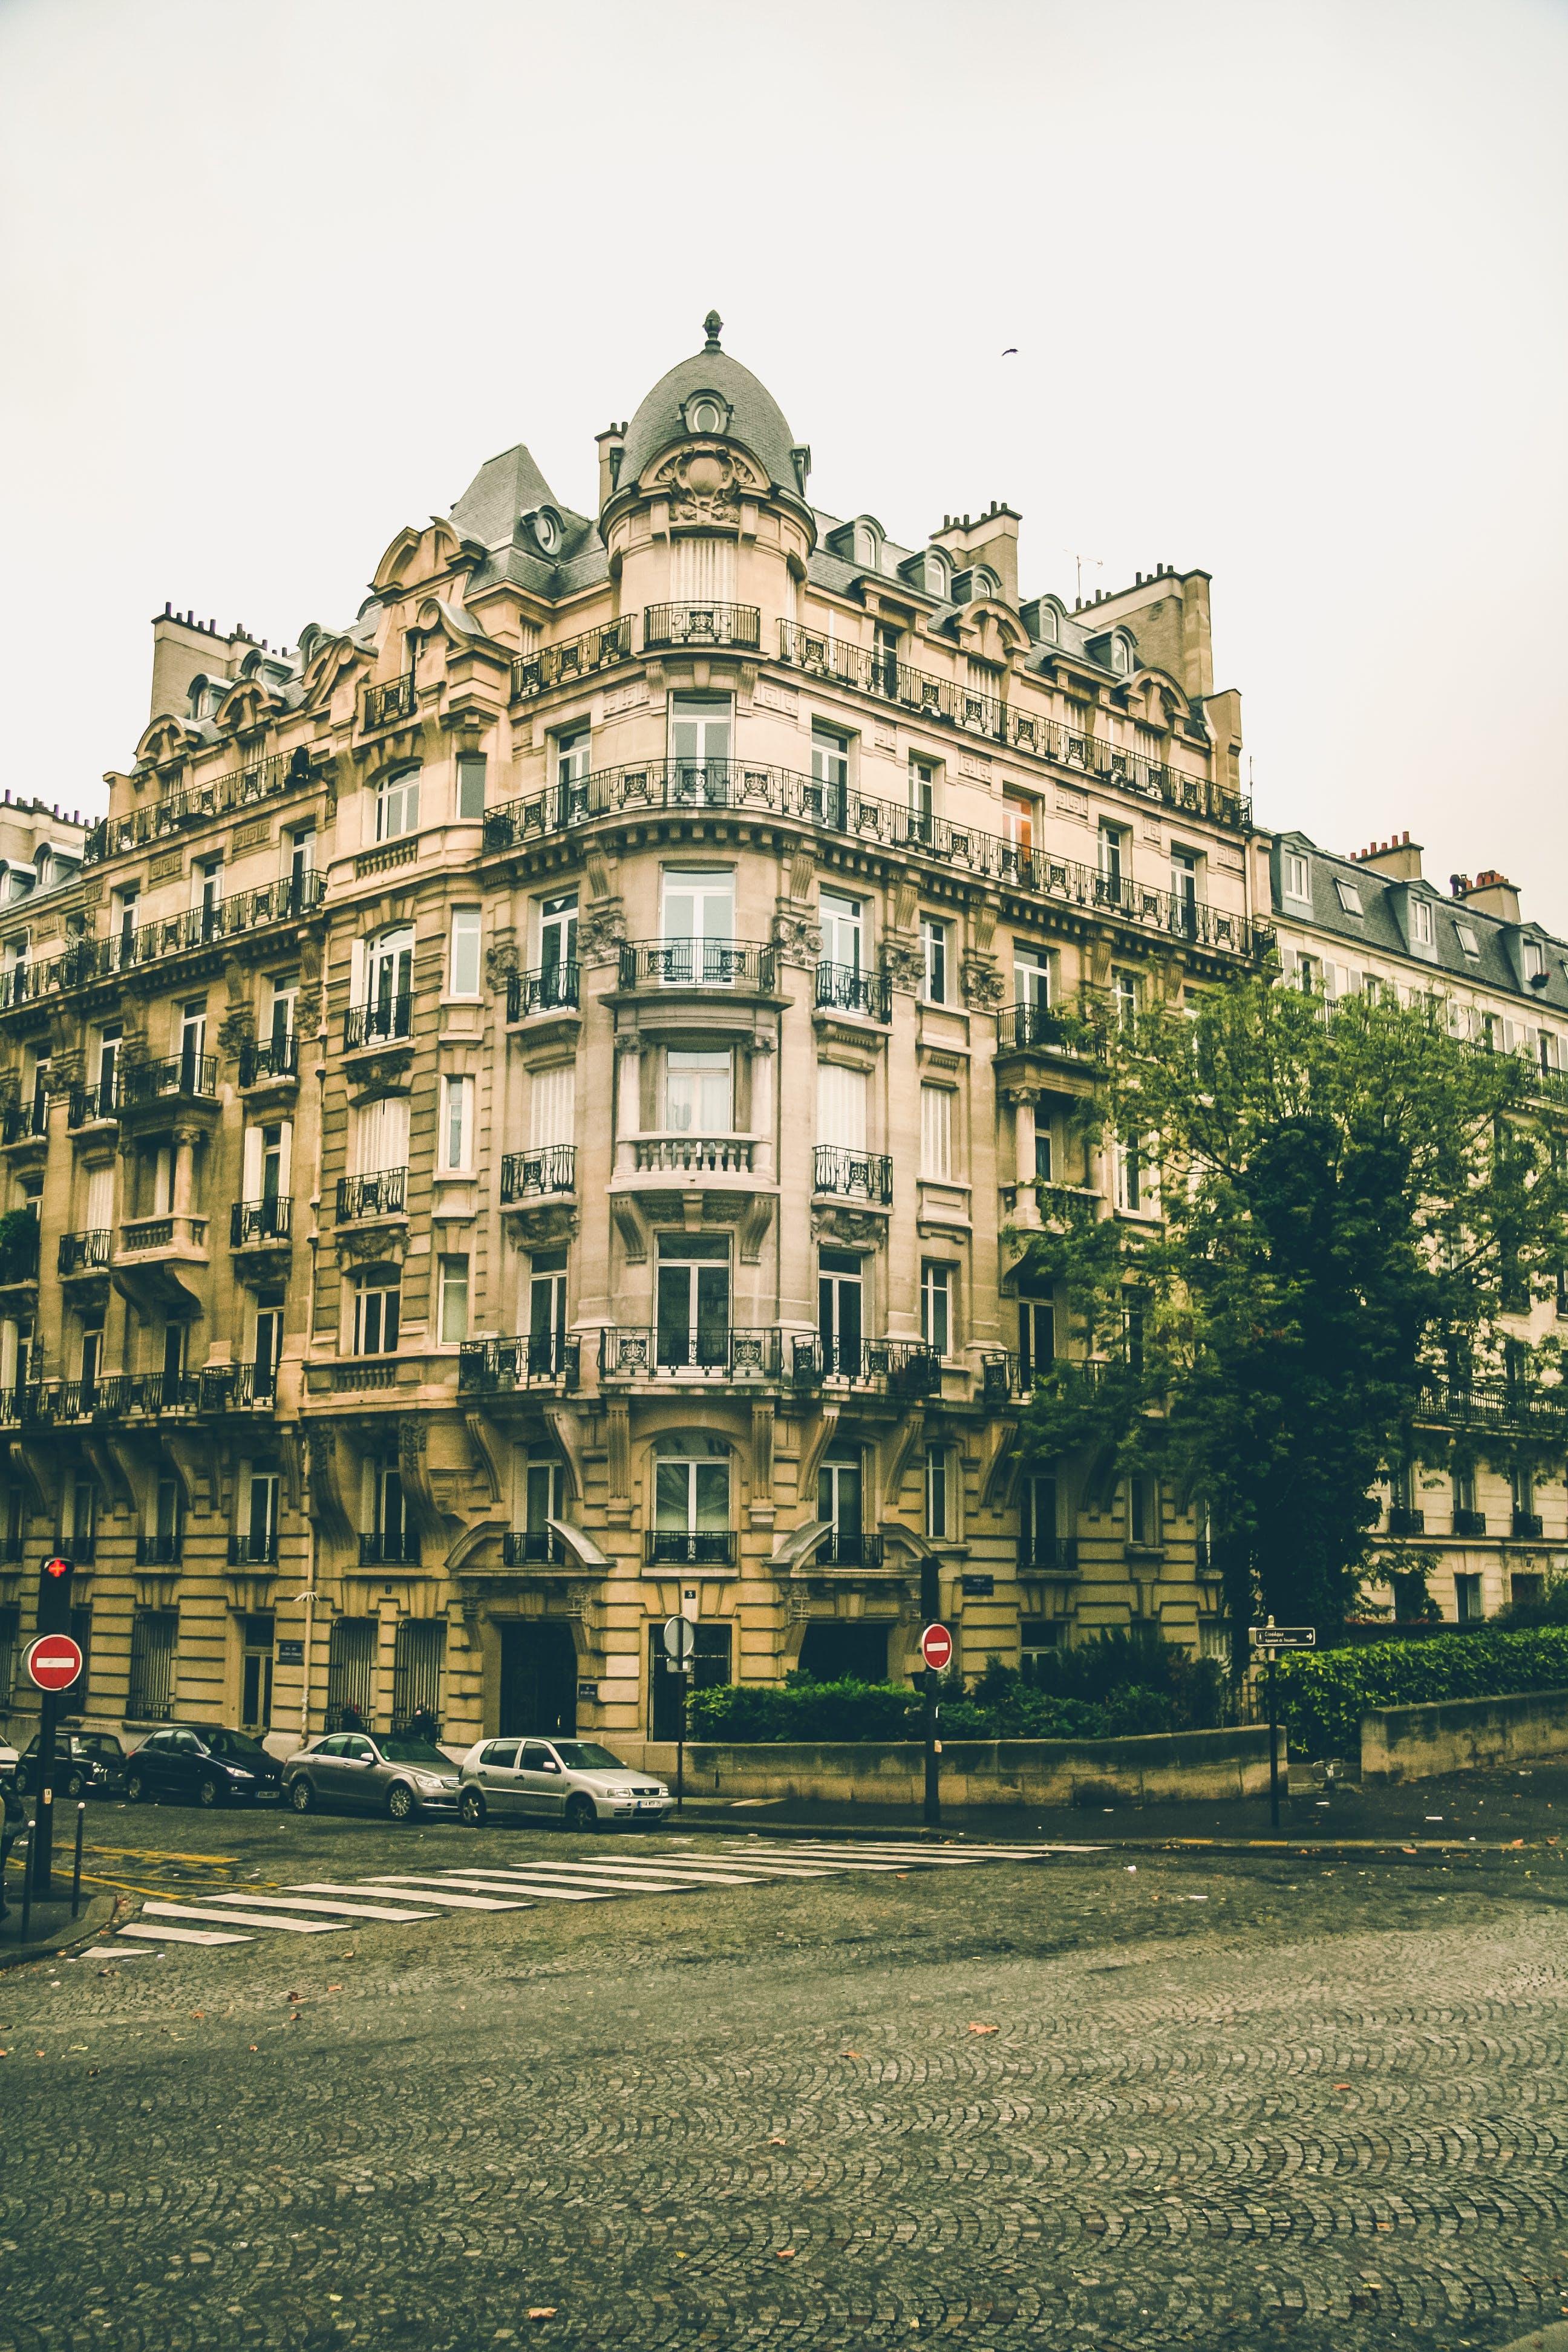 城市, 外觀, 市容, 建造 的 免費圖庫相片